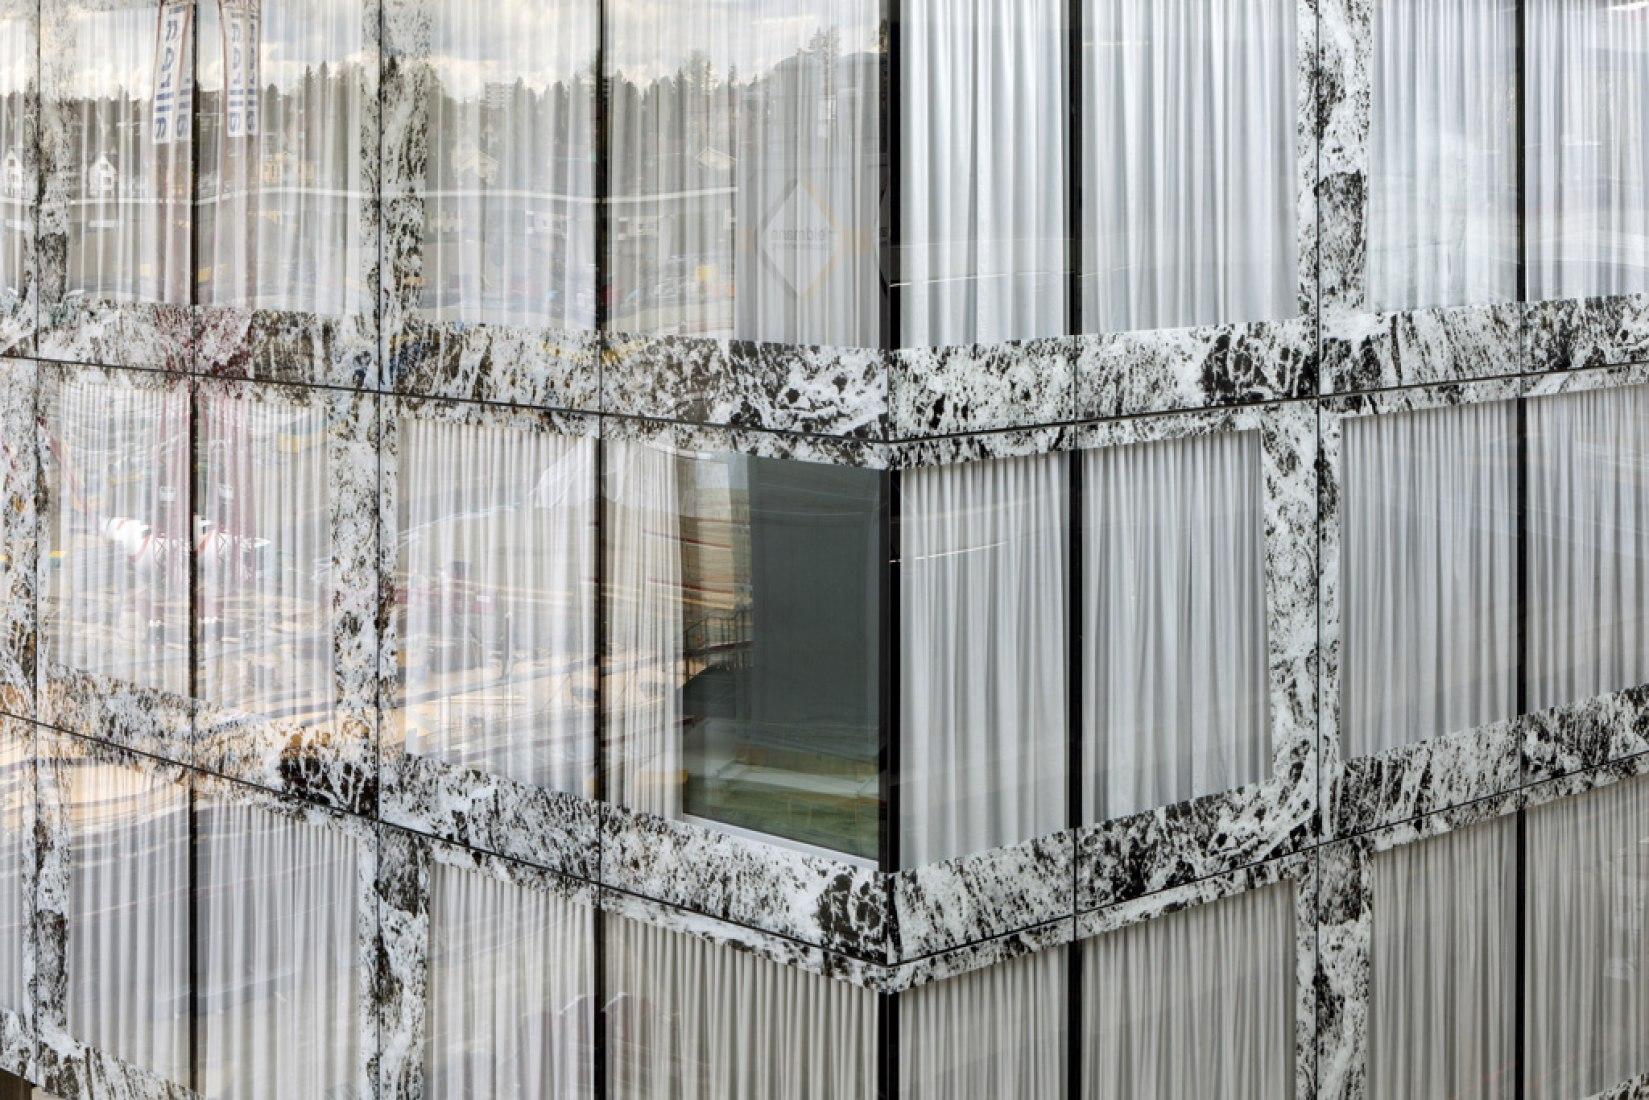 Acristalamiento exterior de la Sede Allianz. Imagen cortesía de © Wiel Arets Architects.